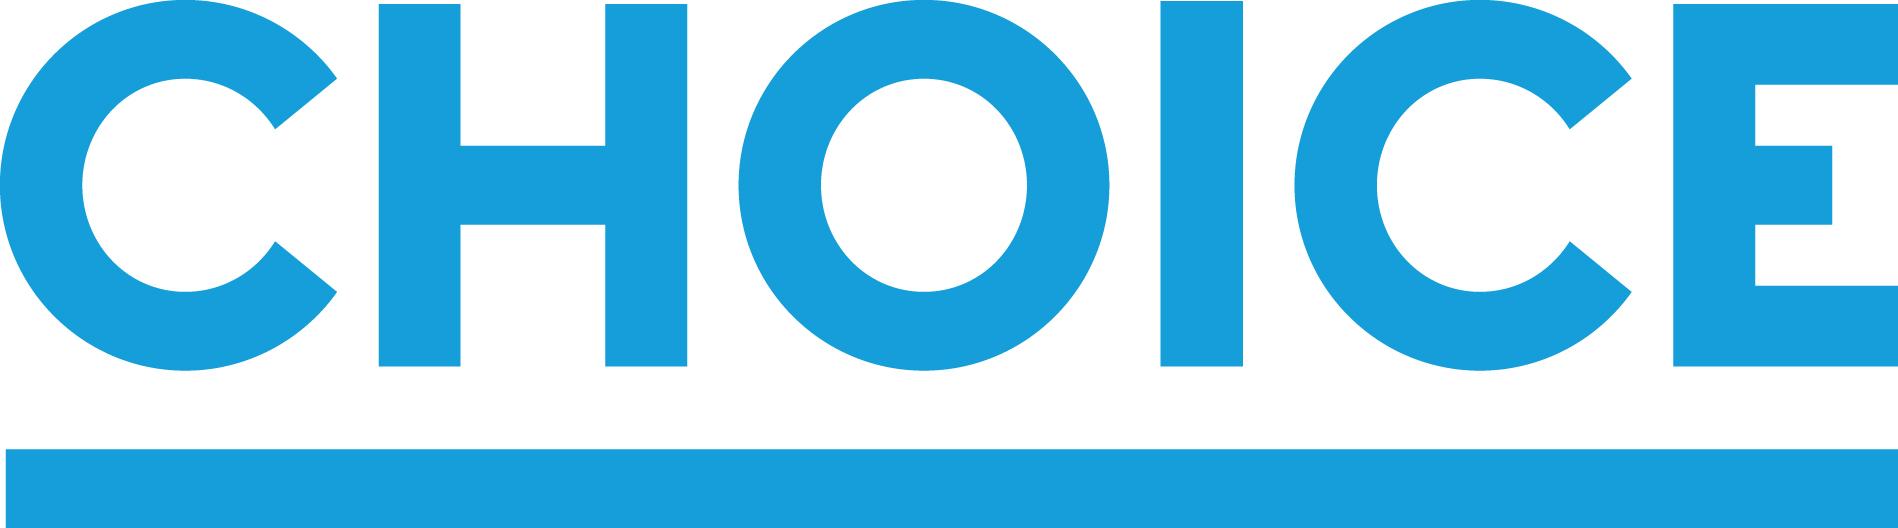 CHOICE_logo_RGB.jpg